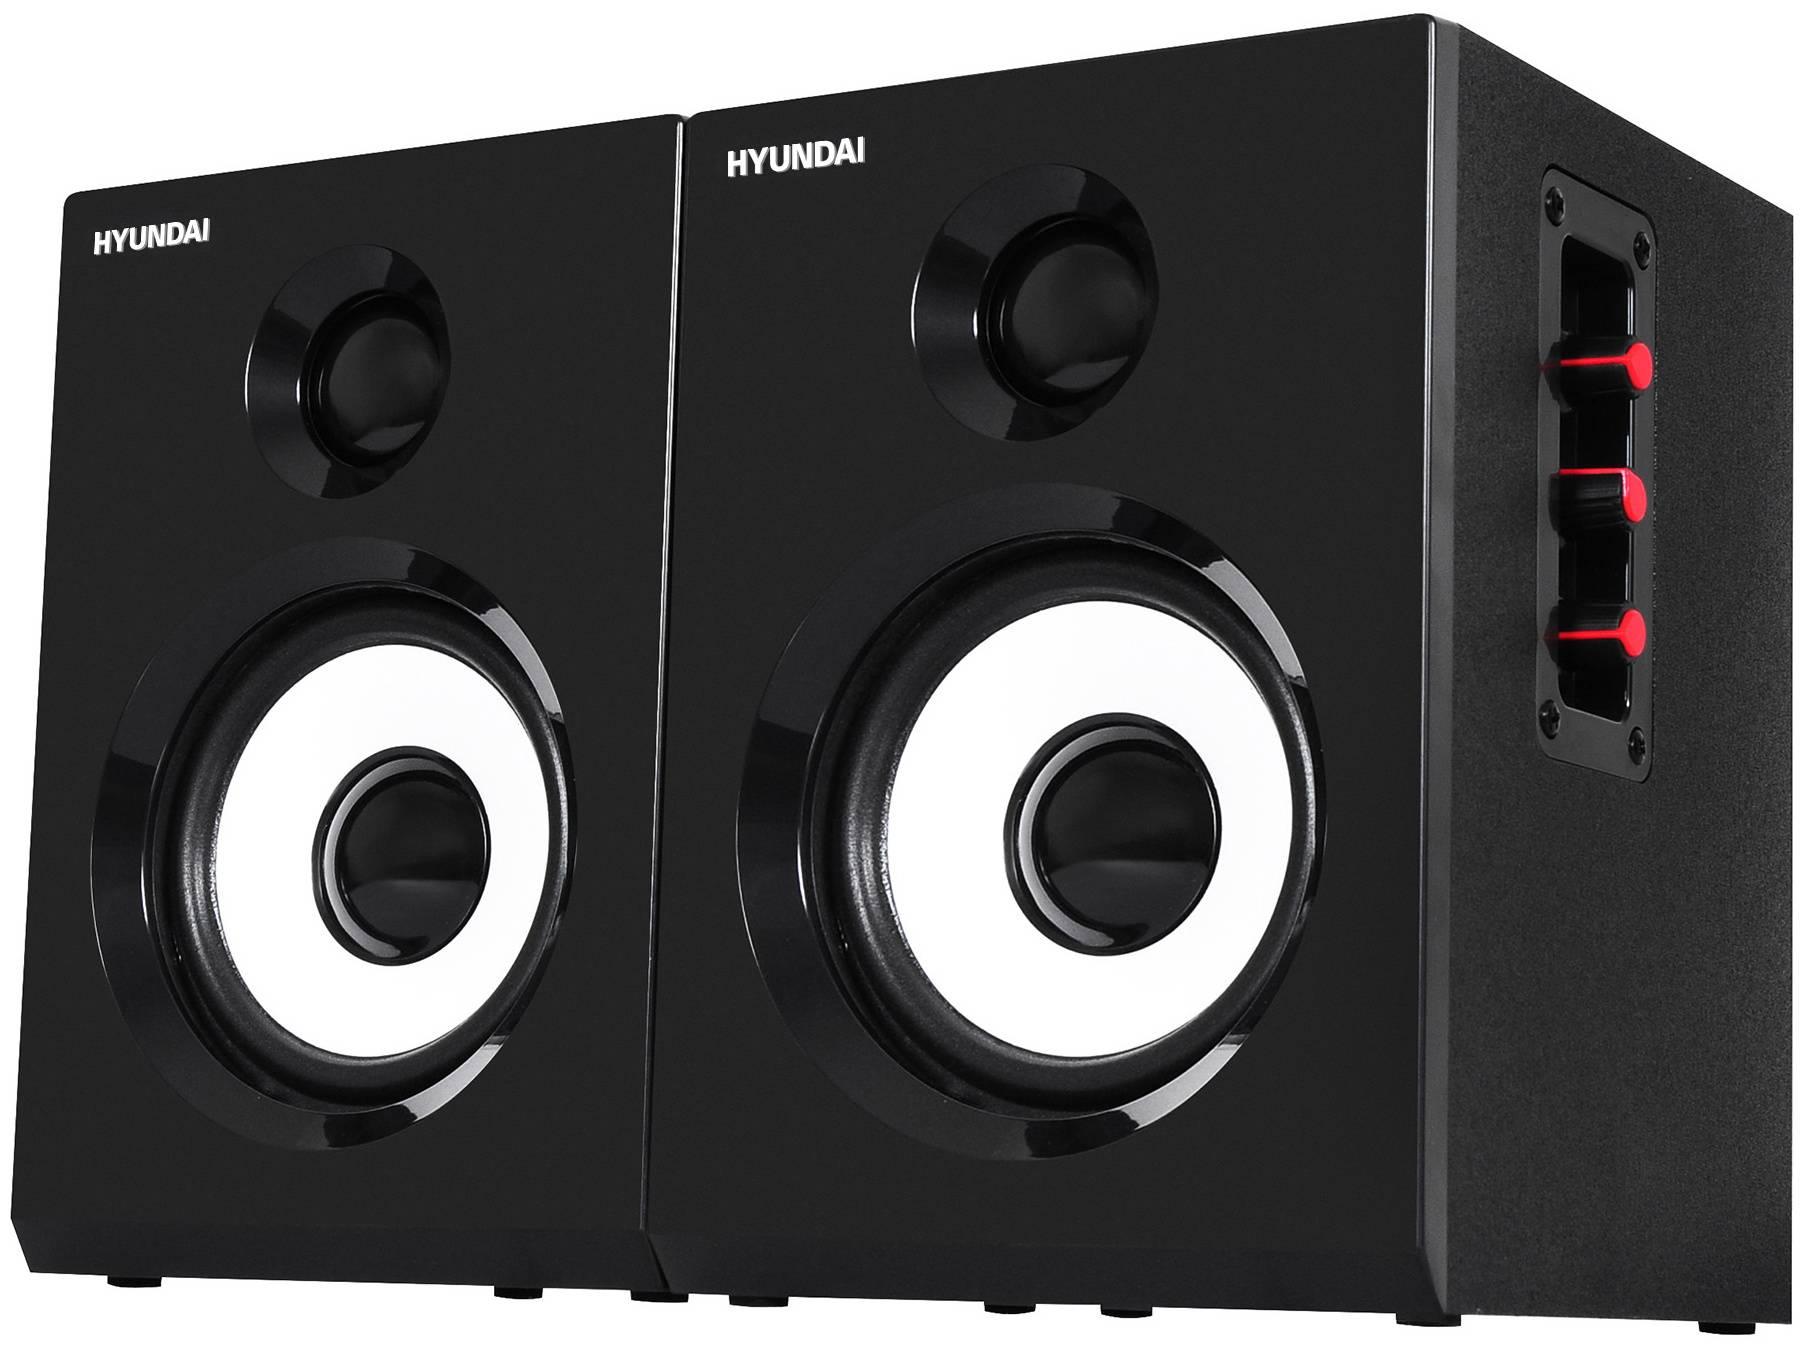 Комплект акустики Hyundai H-HA120 черный - фото 1